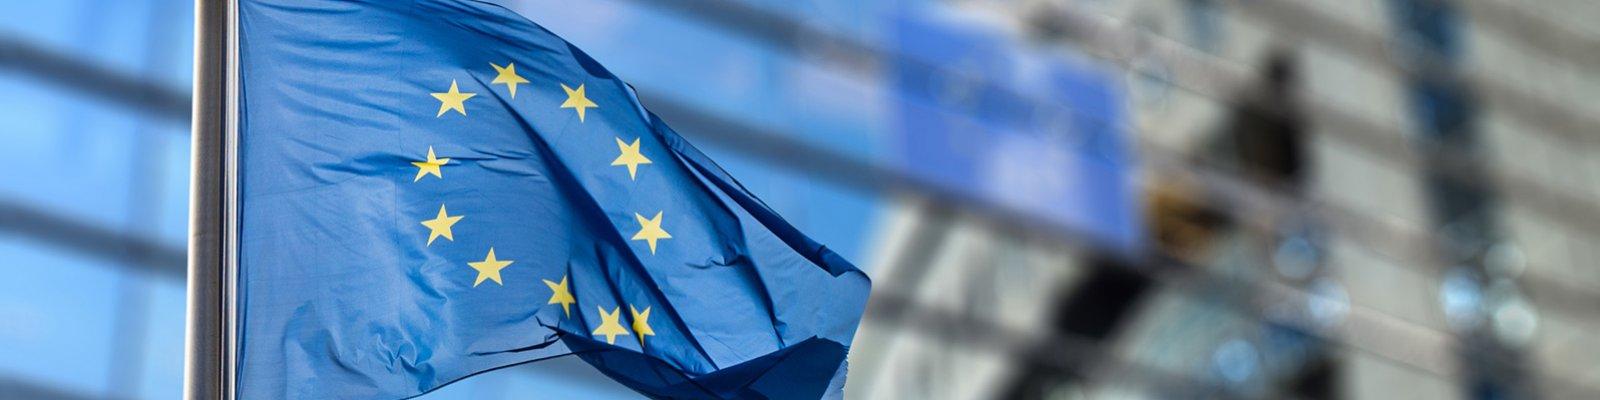 Europa flag and EU building